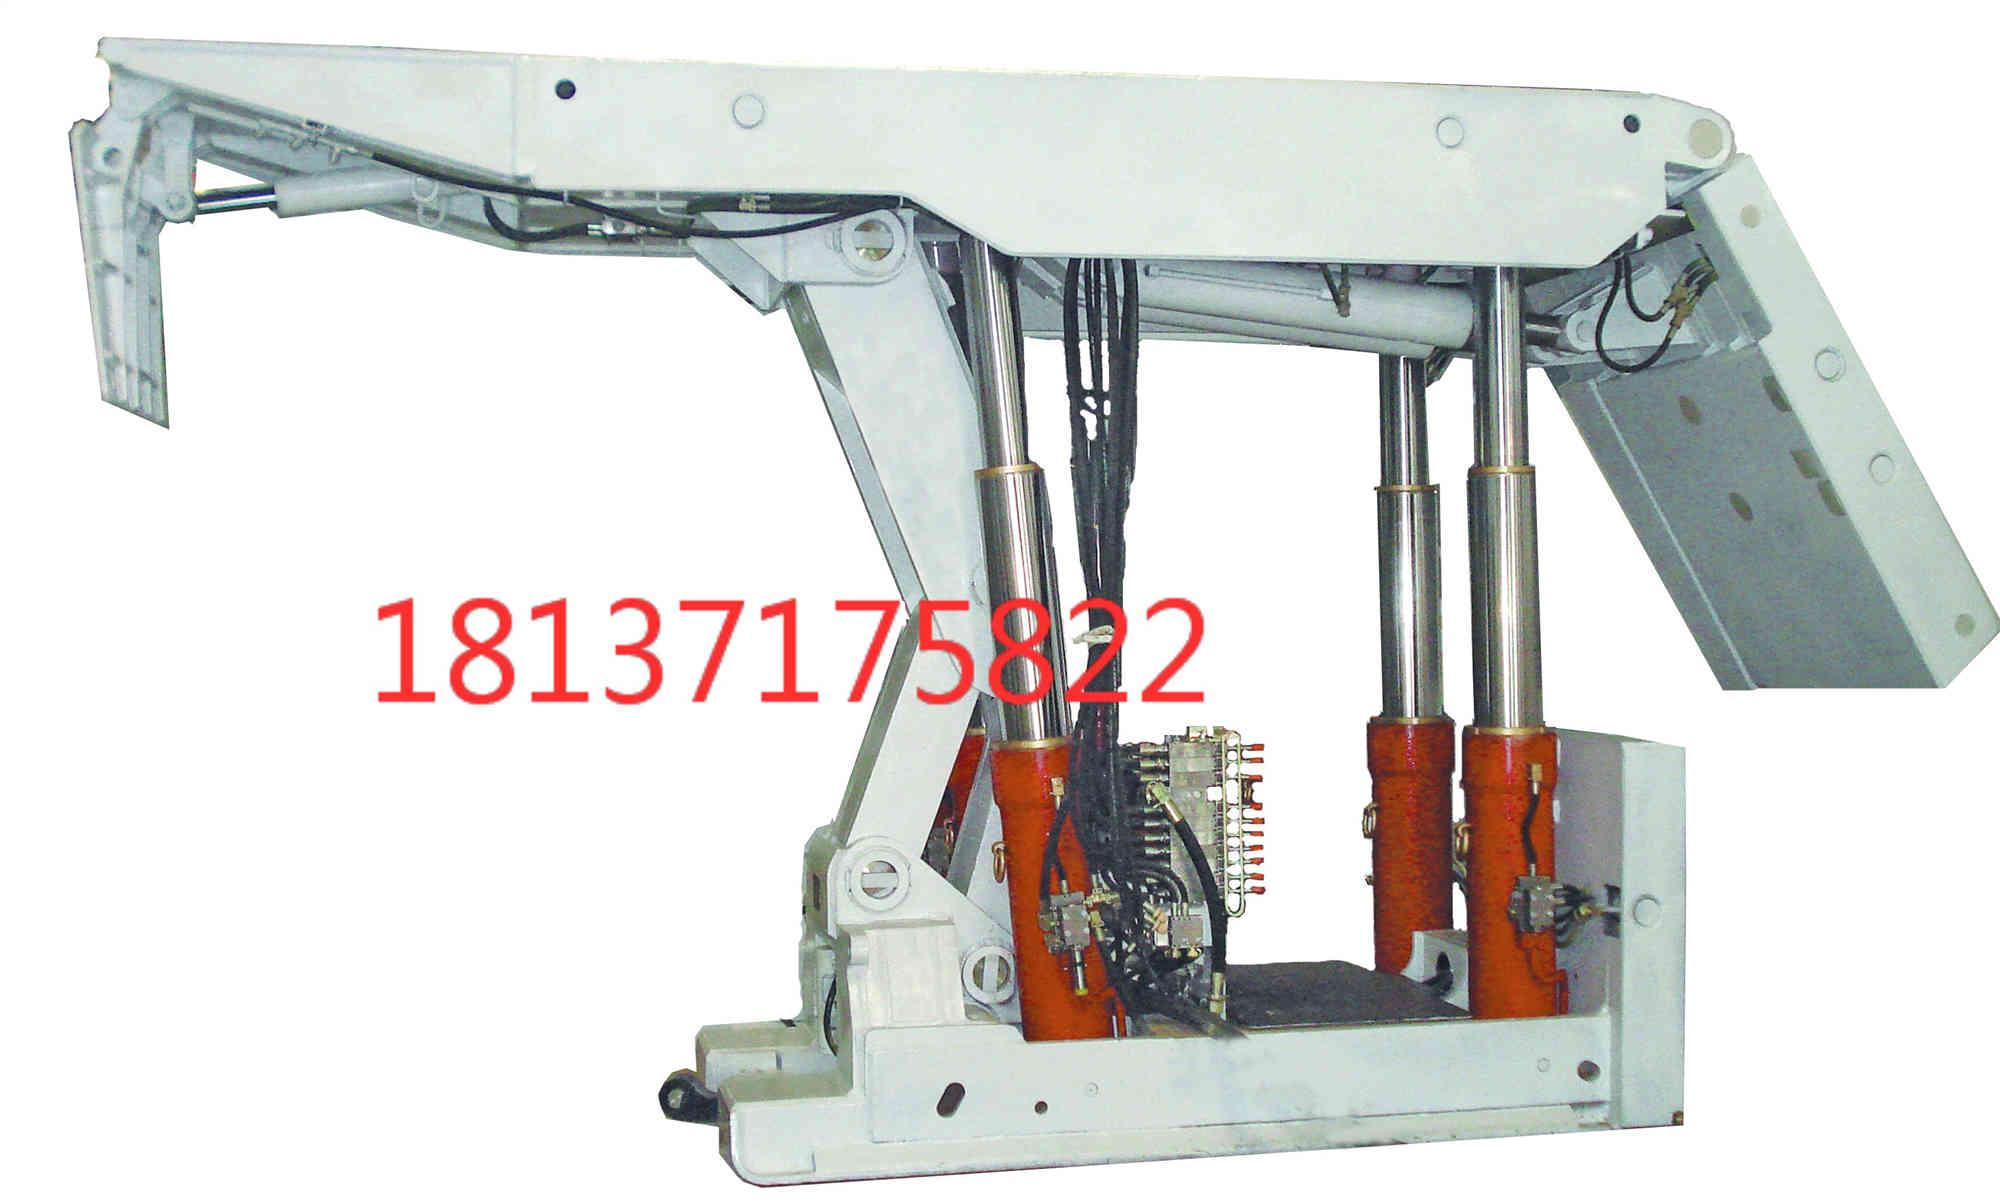 ZC5600-17-35型膏体充填液压支架_WPS图片_副本.jpg